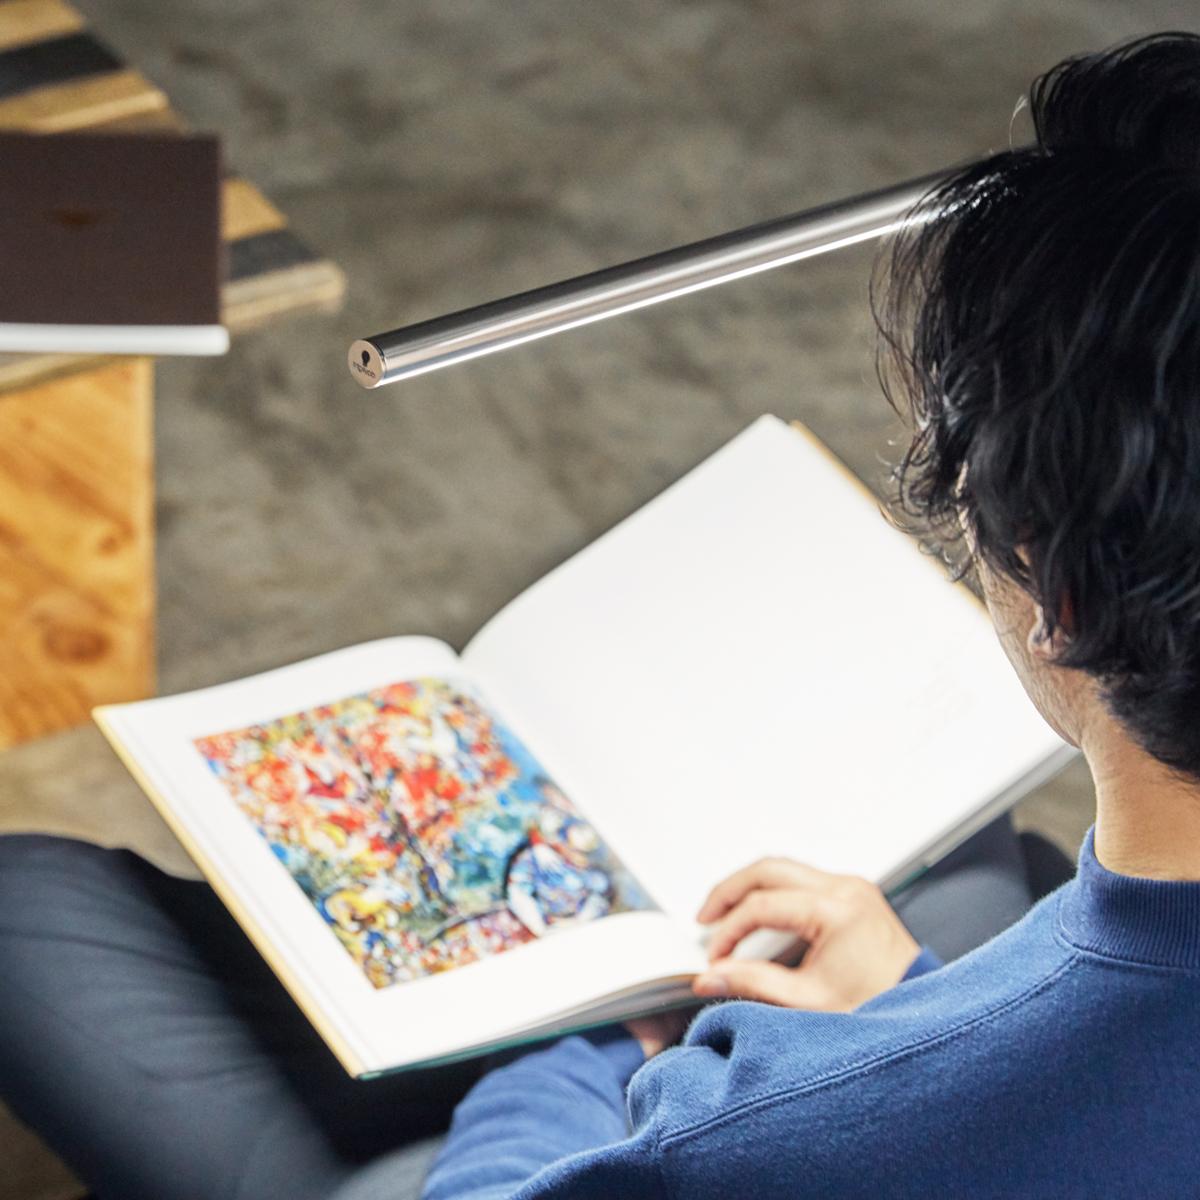 読書や勉強が一番はかどりやすい、正午の太陽光(自然光)に近づけた色づくり。精密機械や電子部品の製造、印刷工場での細かい視作業に必要な明るさも可能。作業に集中できる目に優しい太陽光LEDのフロアライト|Daylight - Slimline3